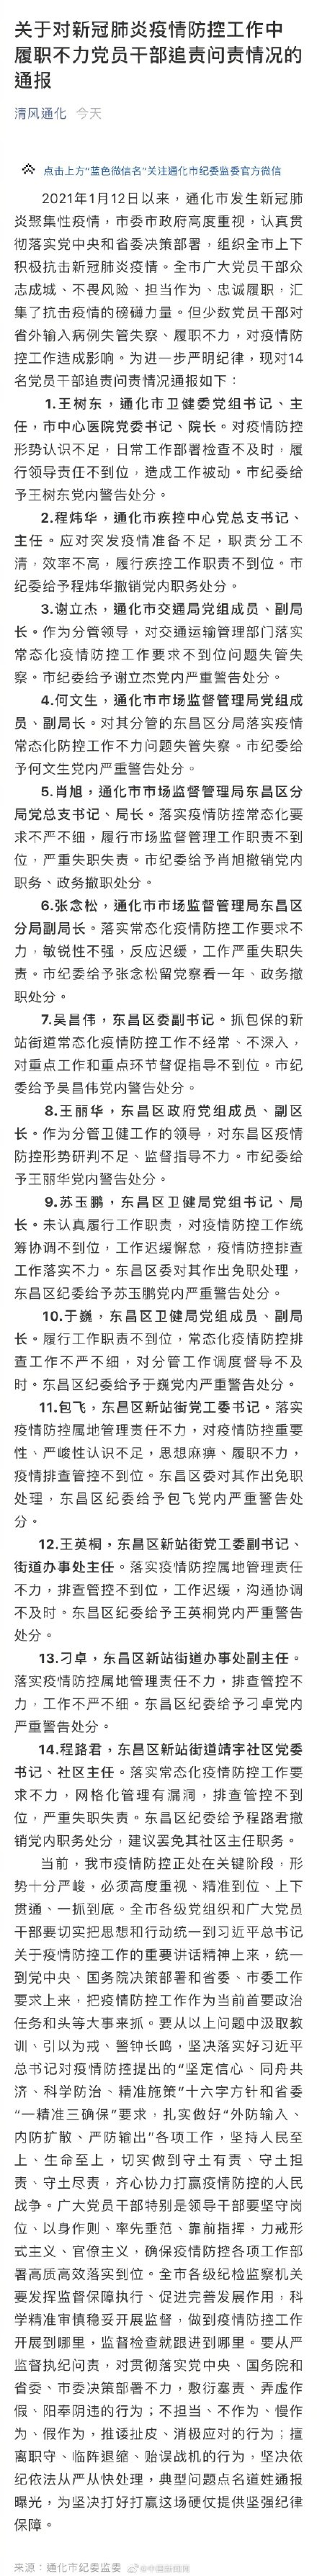 吉林通化卫健委主任等14名干部被处分